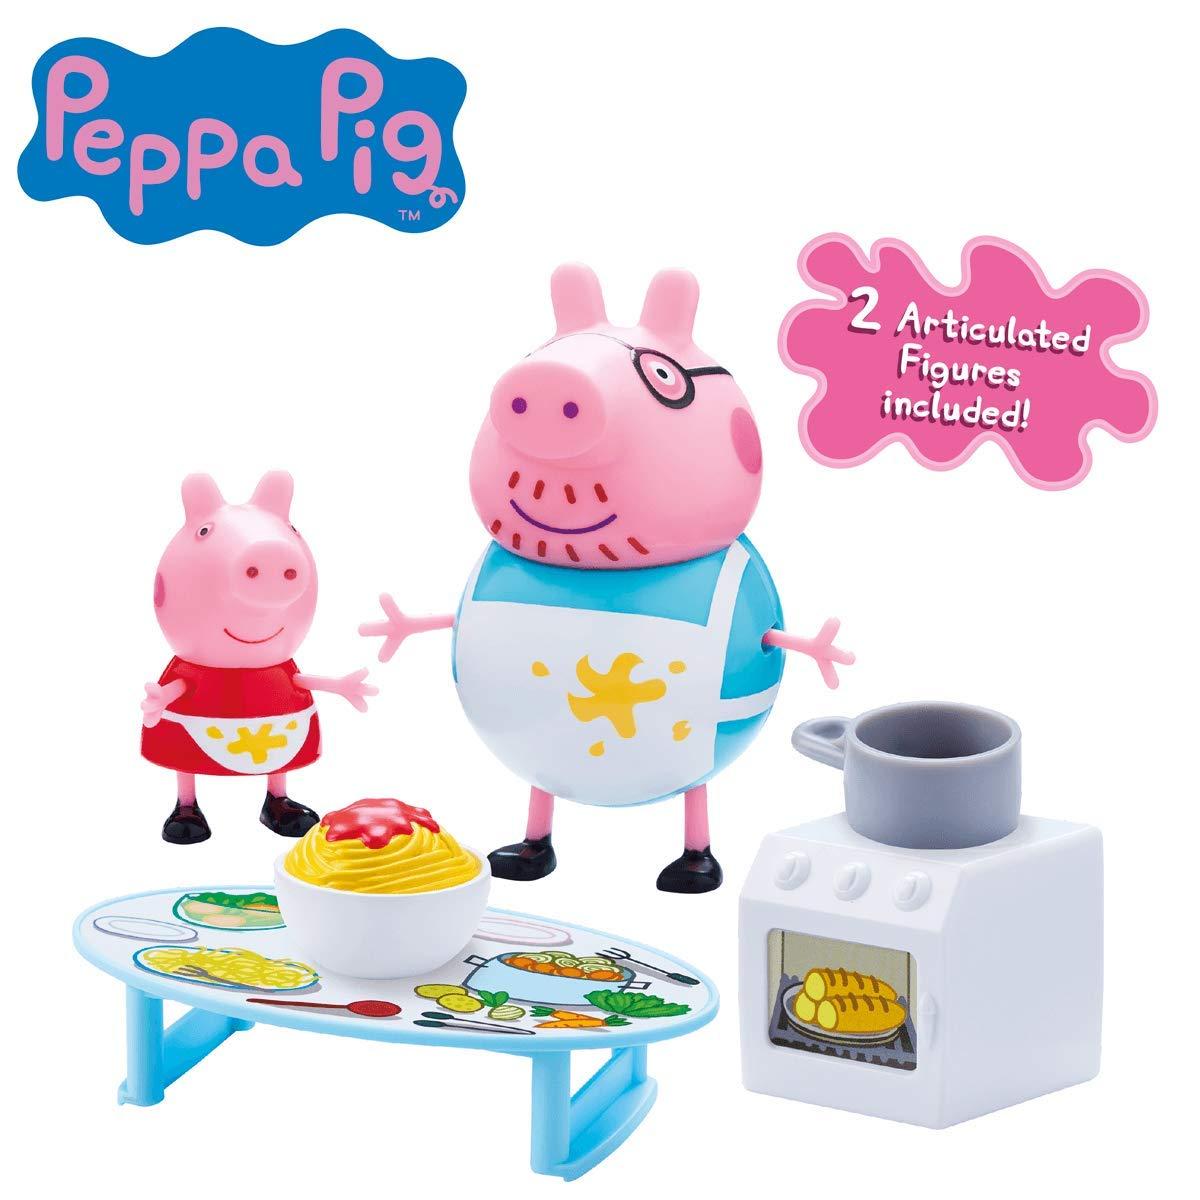 Amazon.es: Peppa Pig Juego de compras de Peppa Playset con 2 figuras: Juguetes y juegos